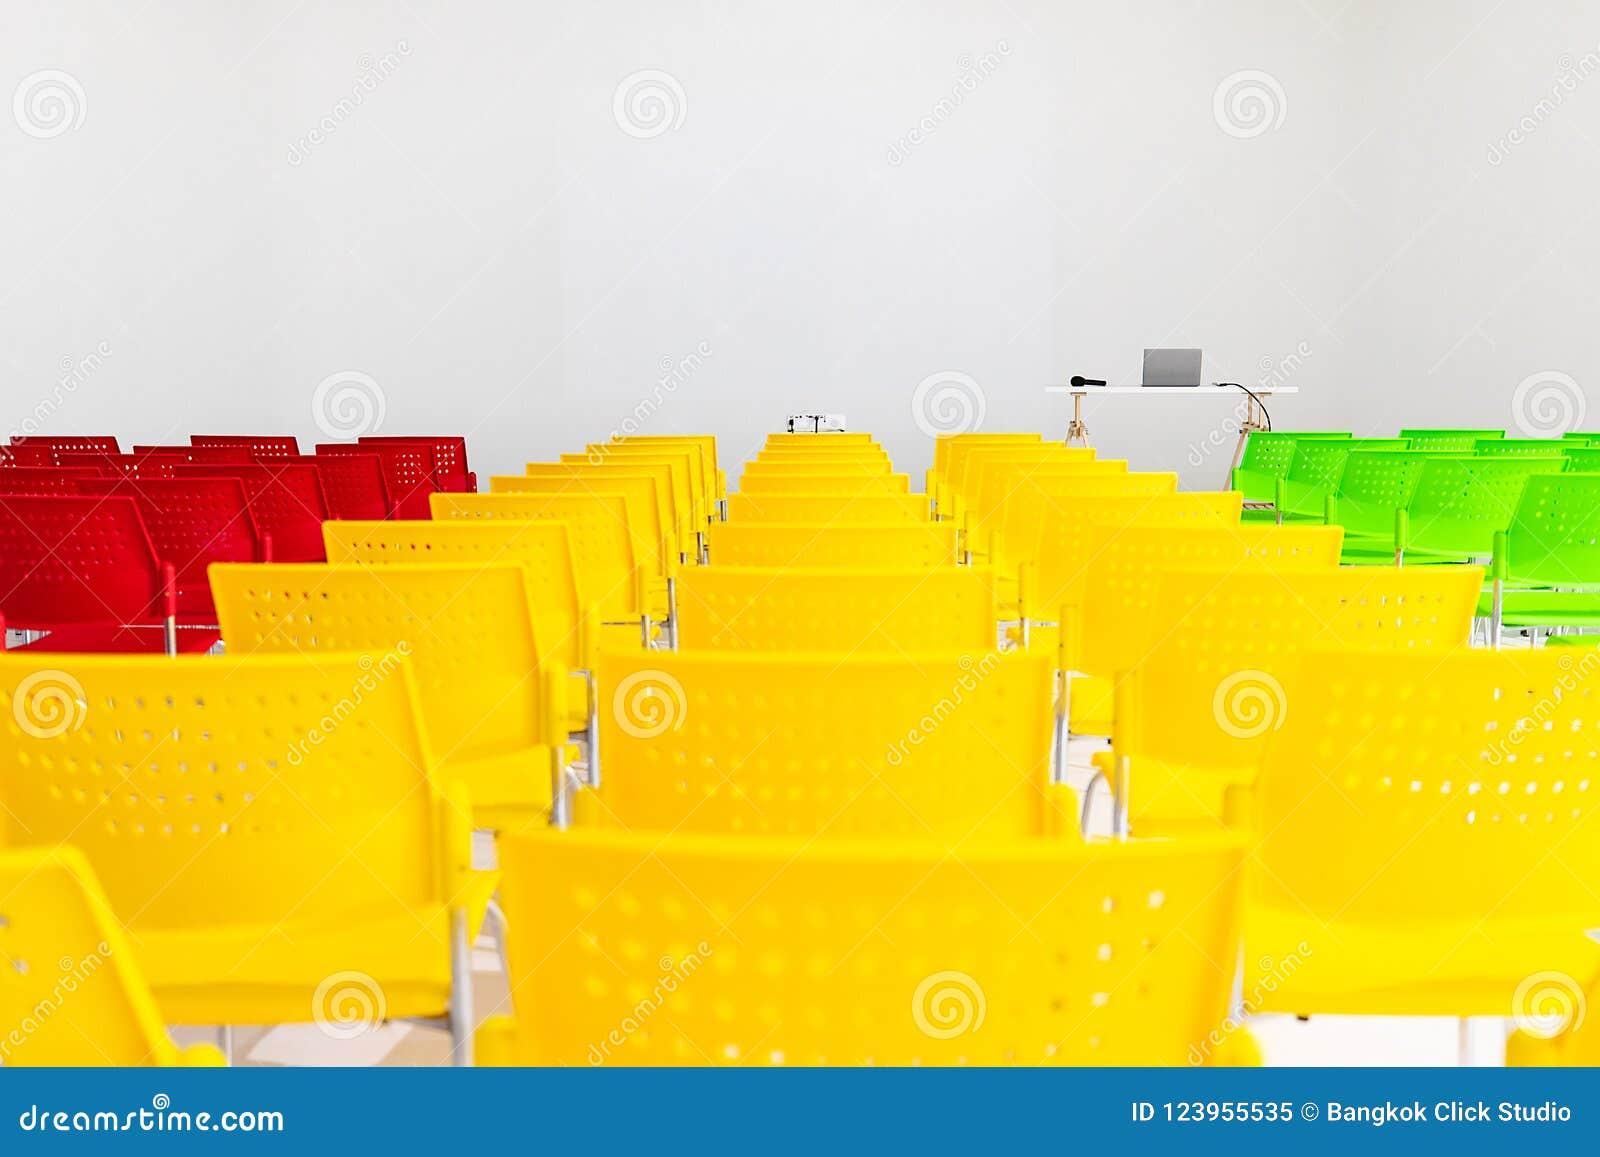 Έτοιμος να χρησιμοποιήσει τις σειρές των ζωηρόχρωμων καρεκλών στη αίθουσα συνδιαλέξεων με υπέρ